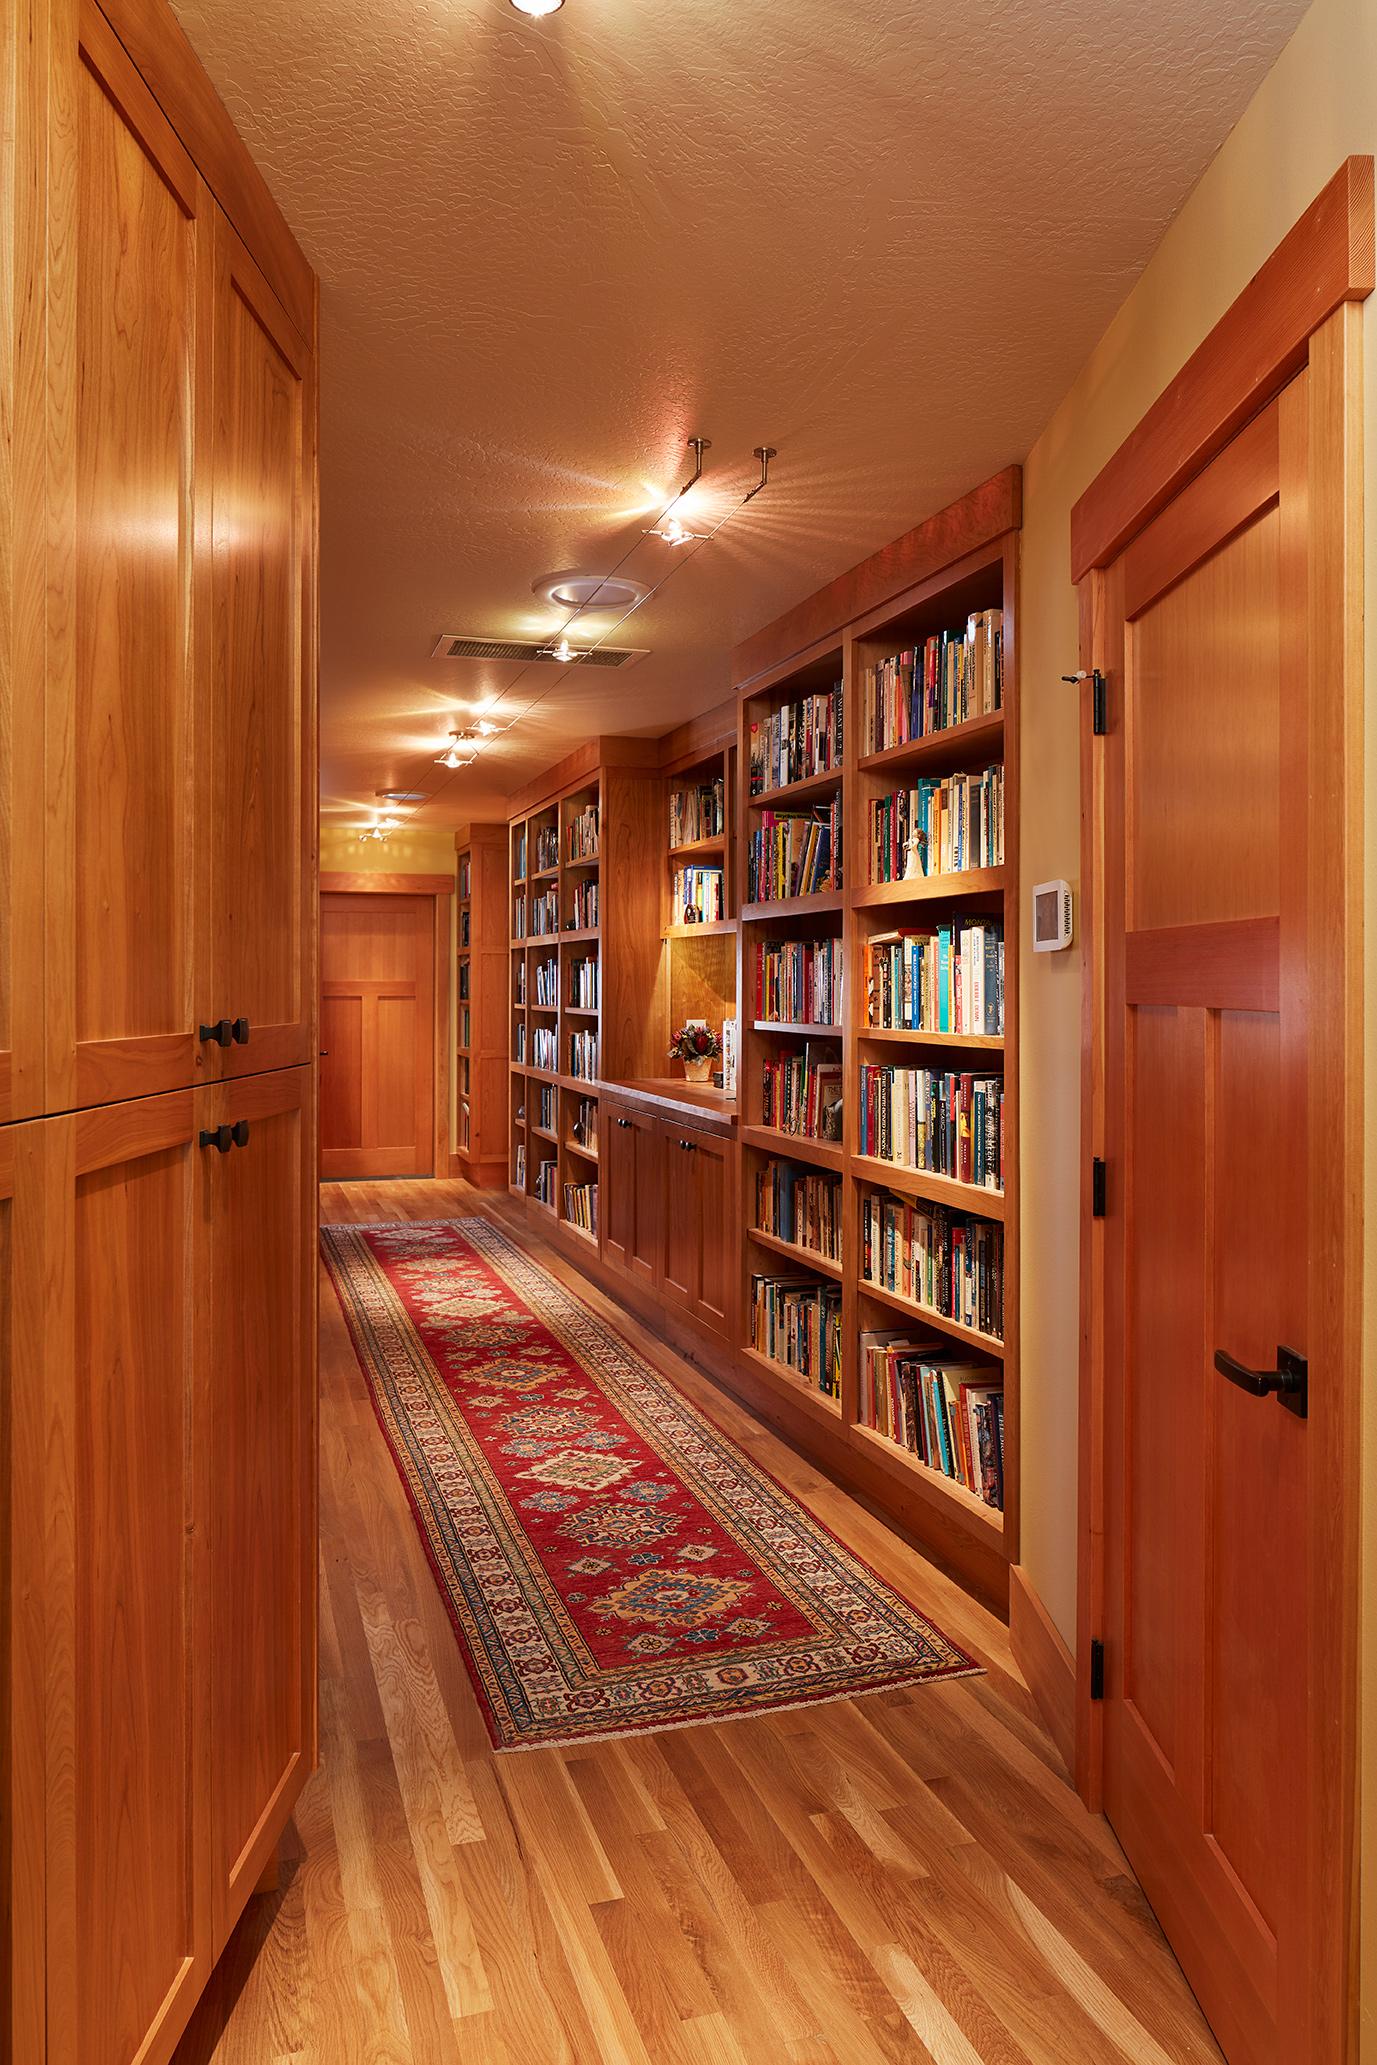 LibraryHall-00254x.jpg